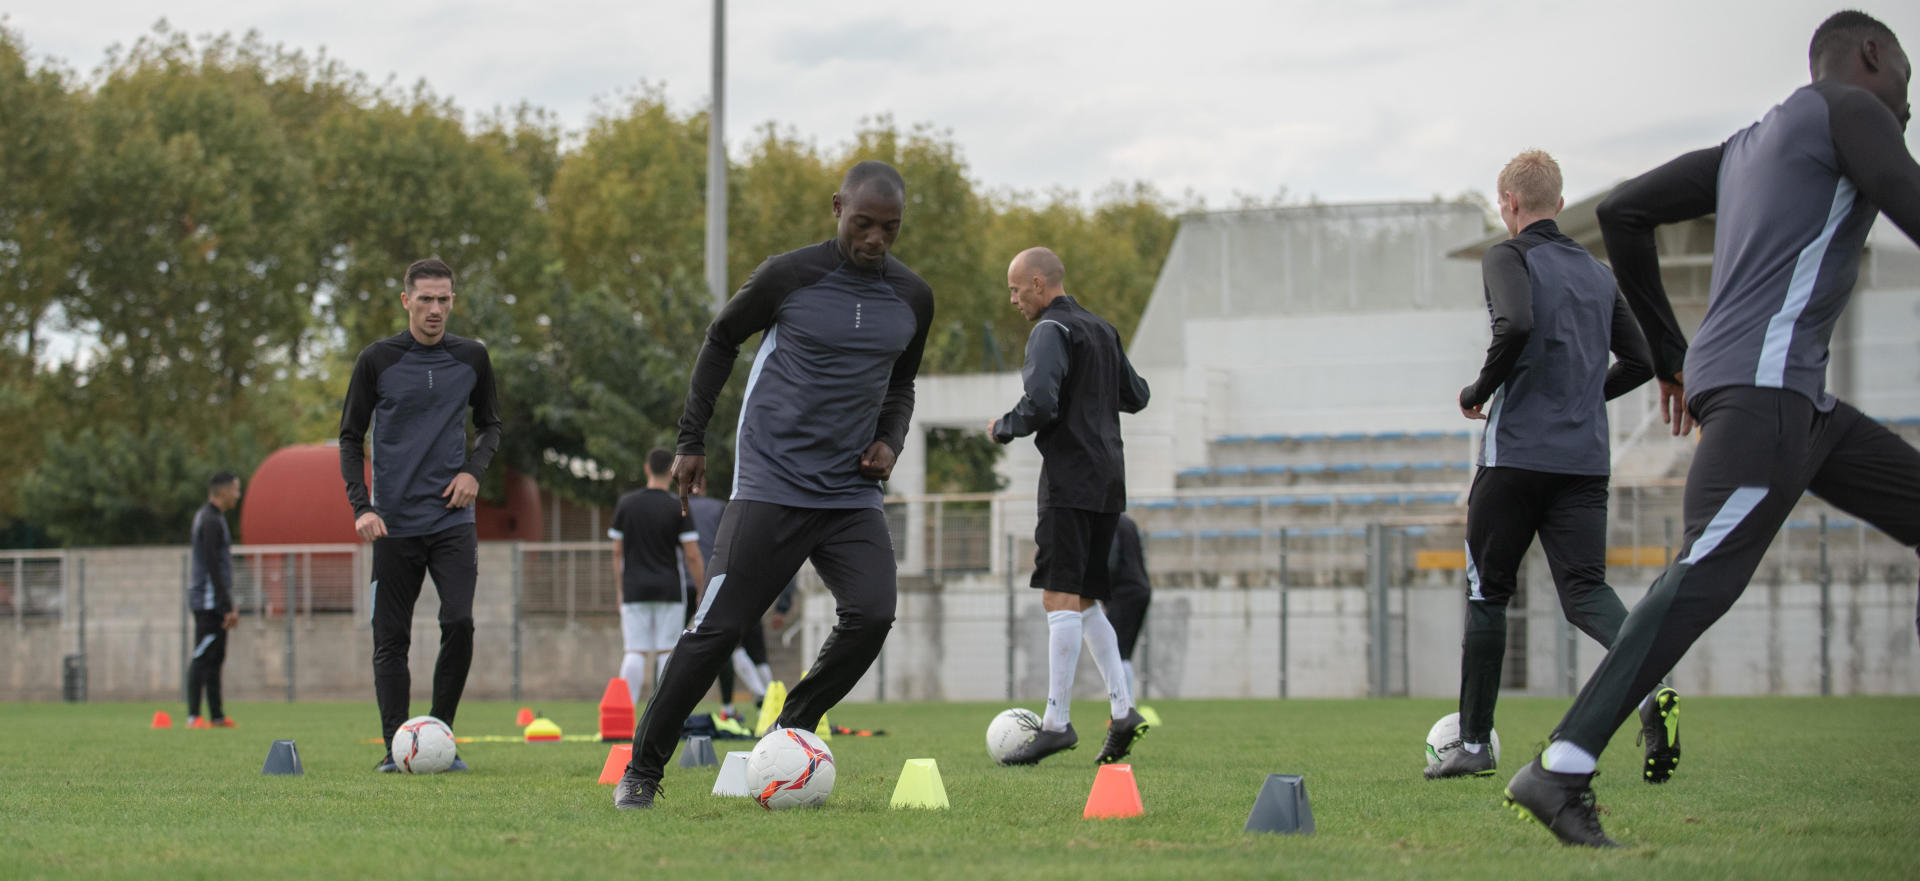 Connaître-ses-limites-physique-au-football